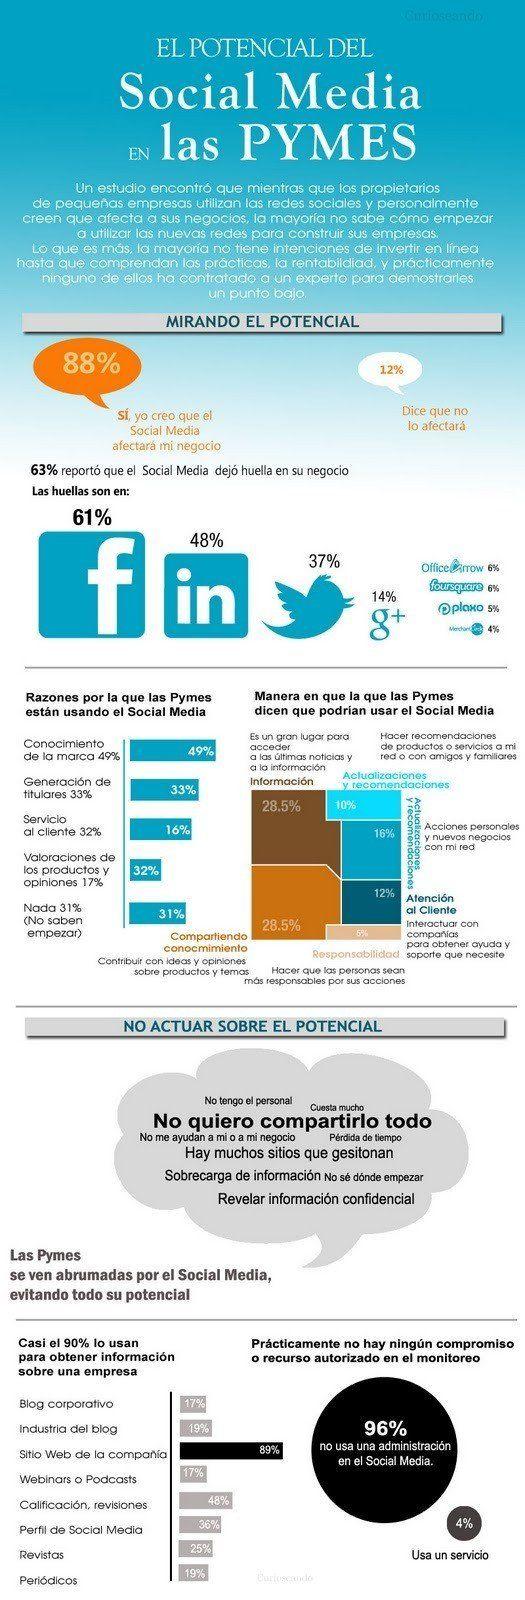 El Potencial del Social Media en las Pymes #infografía